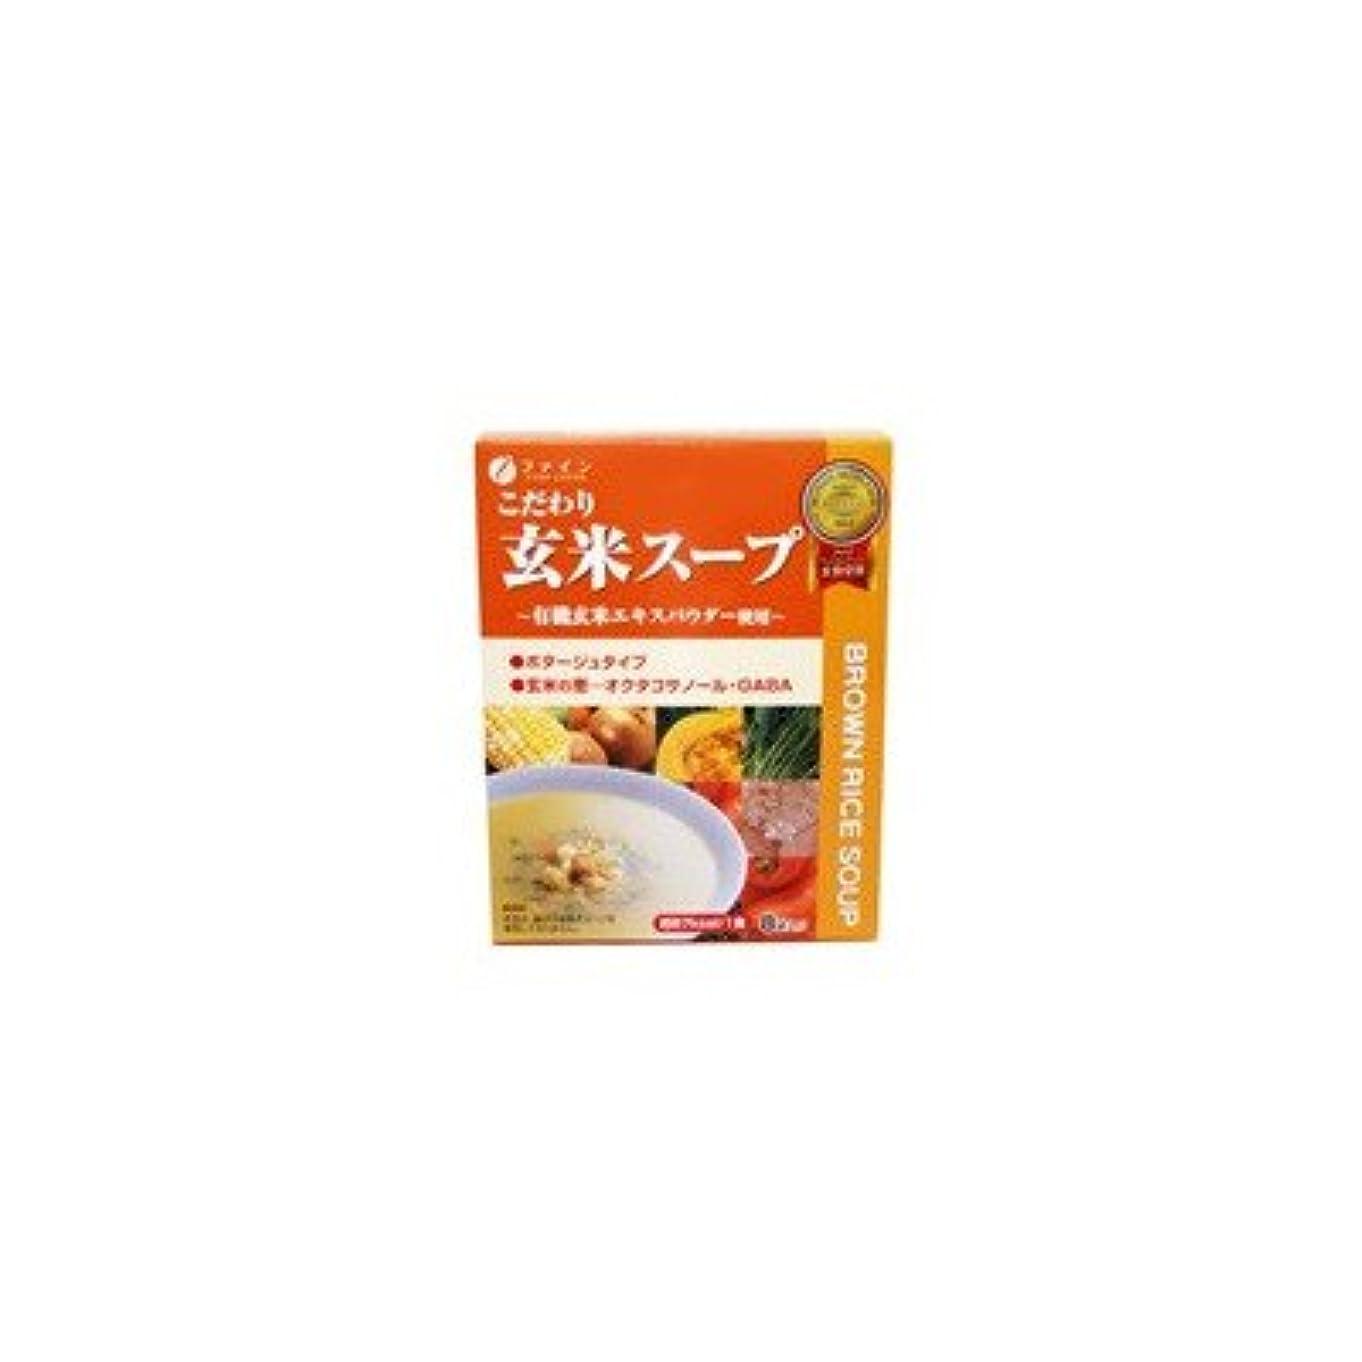 フィクションおもしろい裁判官ファイン 203399 こだわり玄米スープ(8食入り)